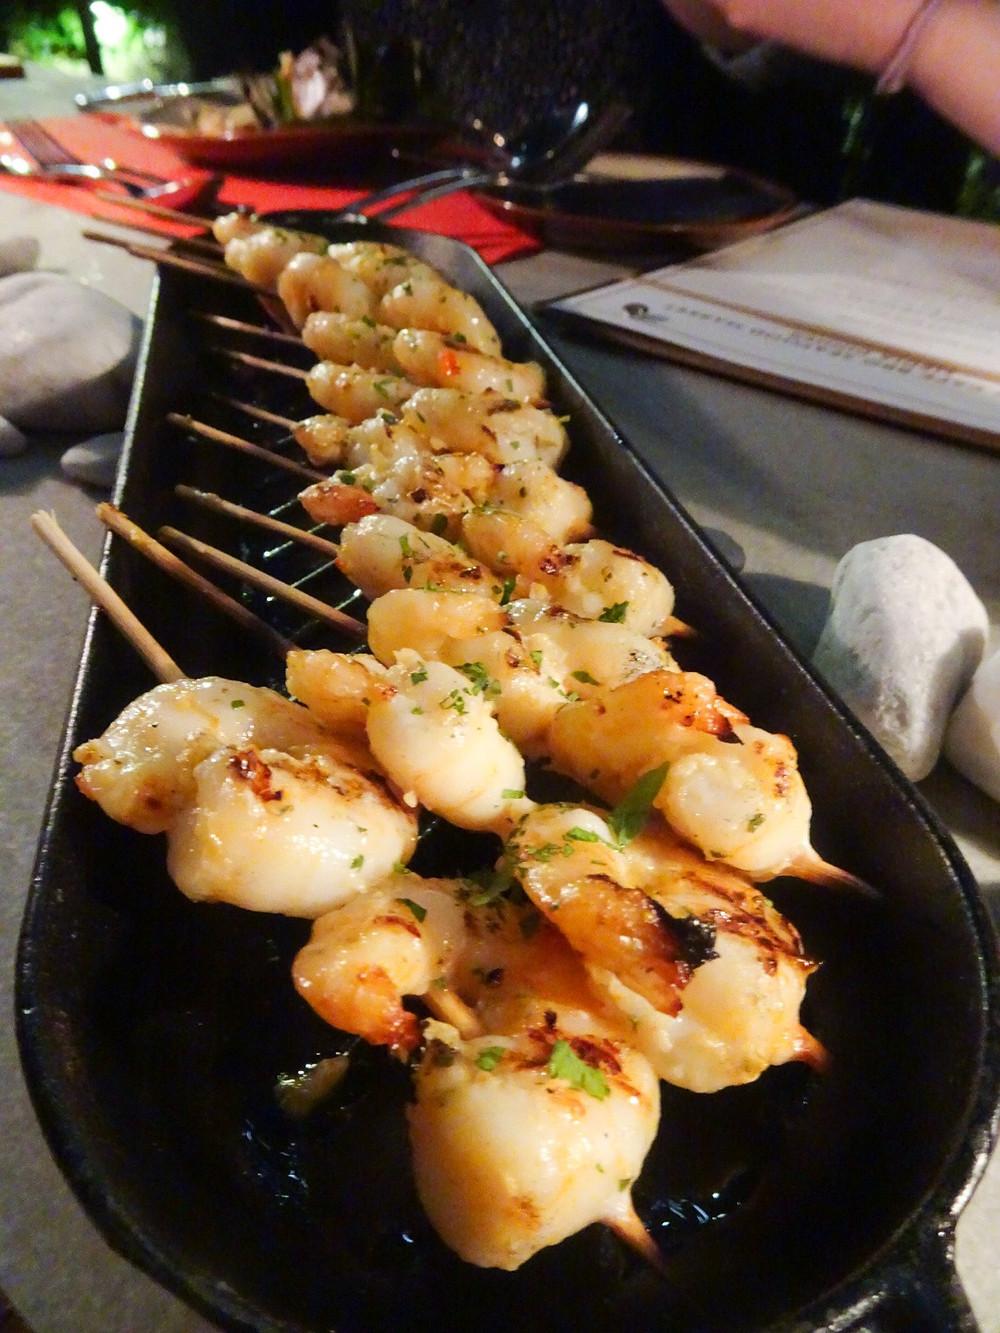 Food at Big Bay Cafe restaurant at Kerry Hotel Hong Kong